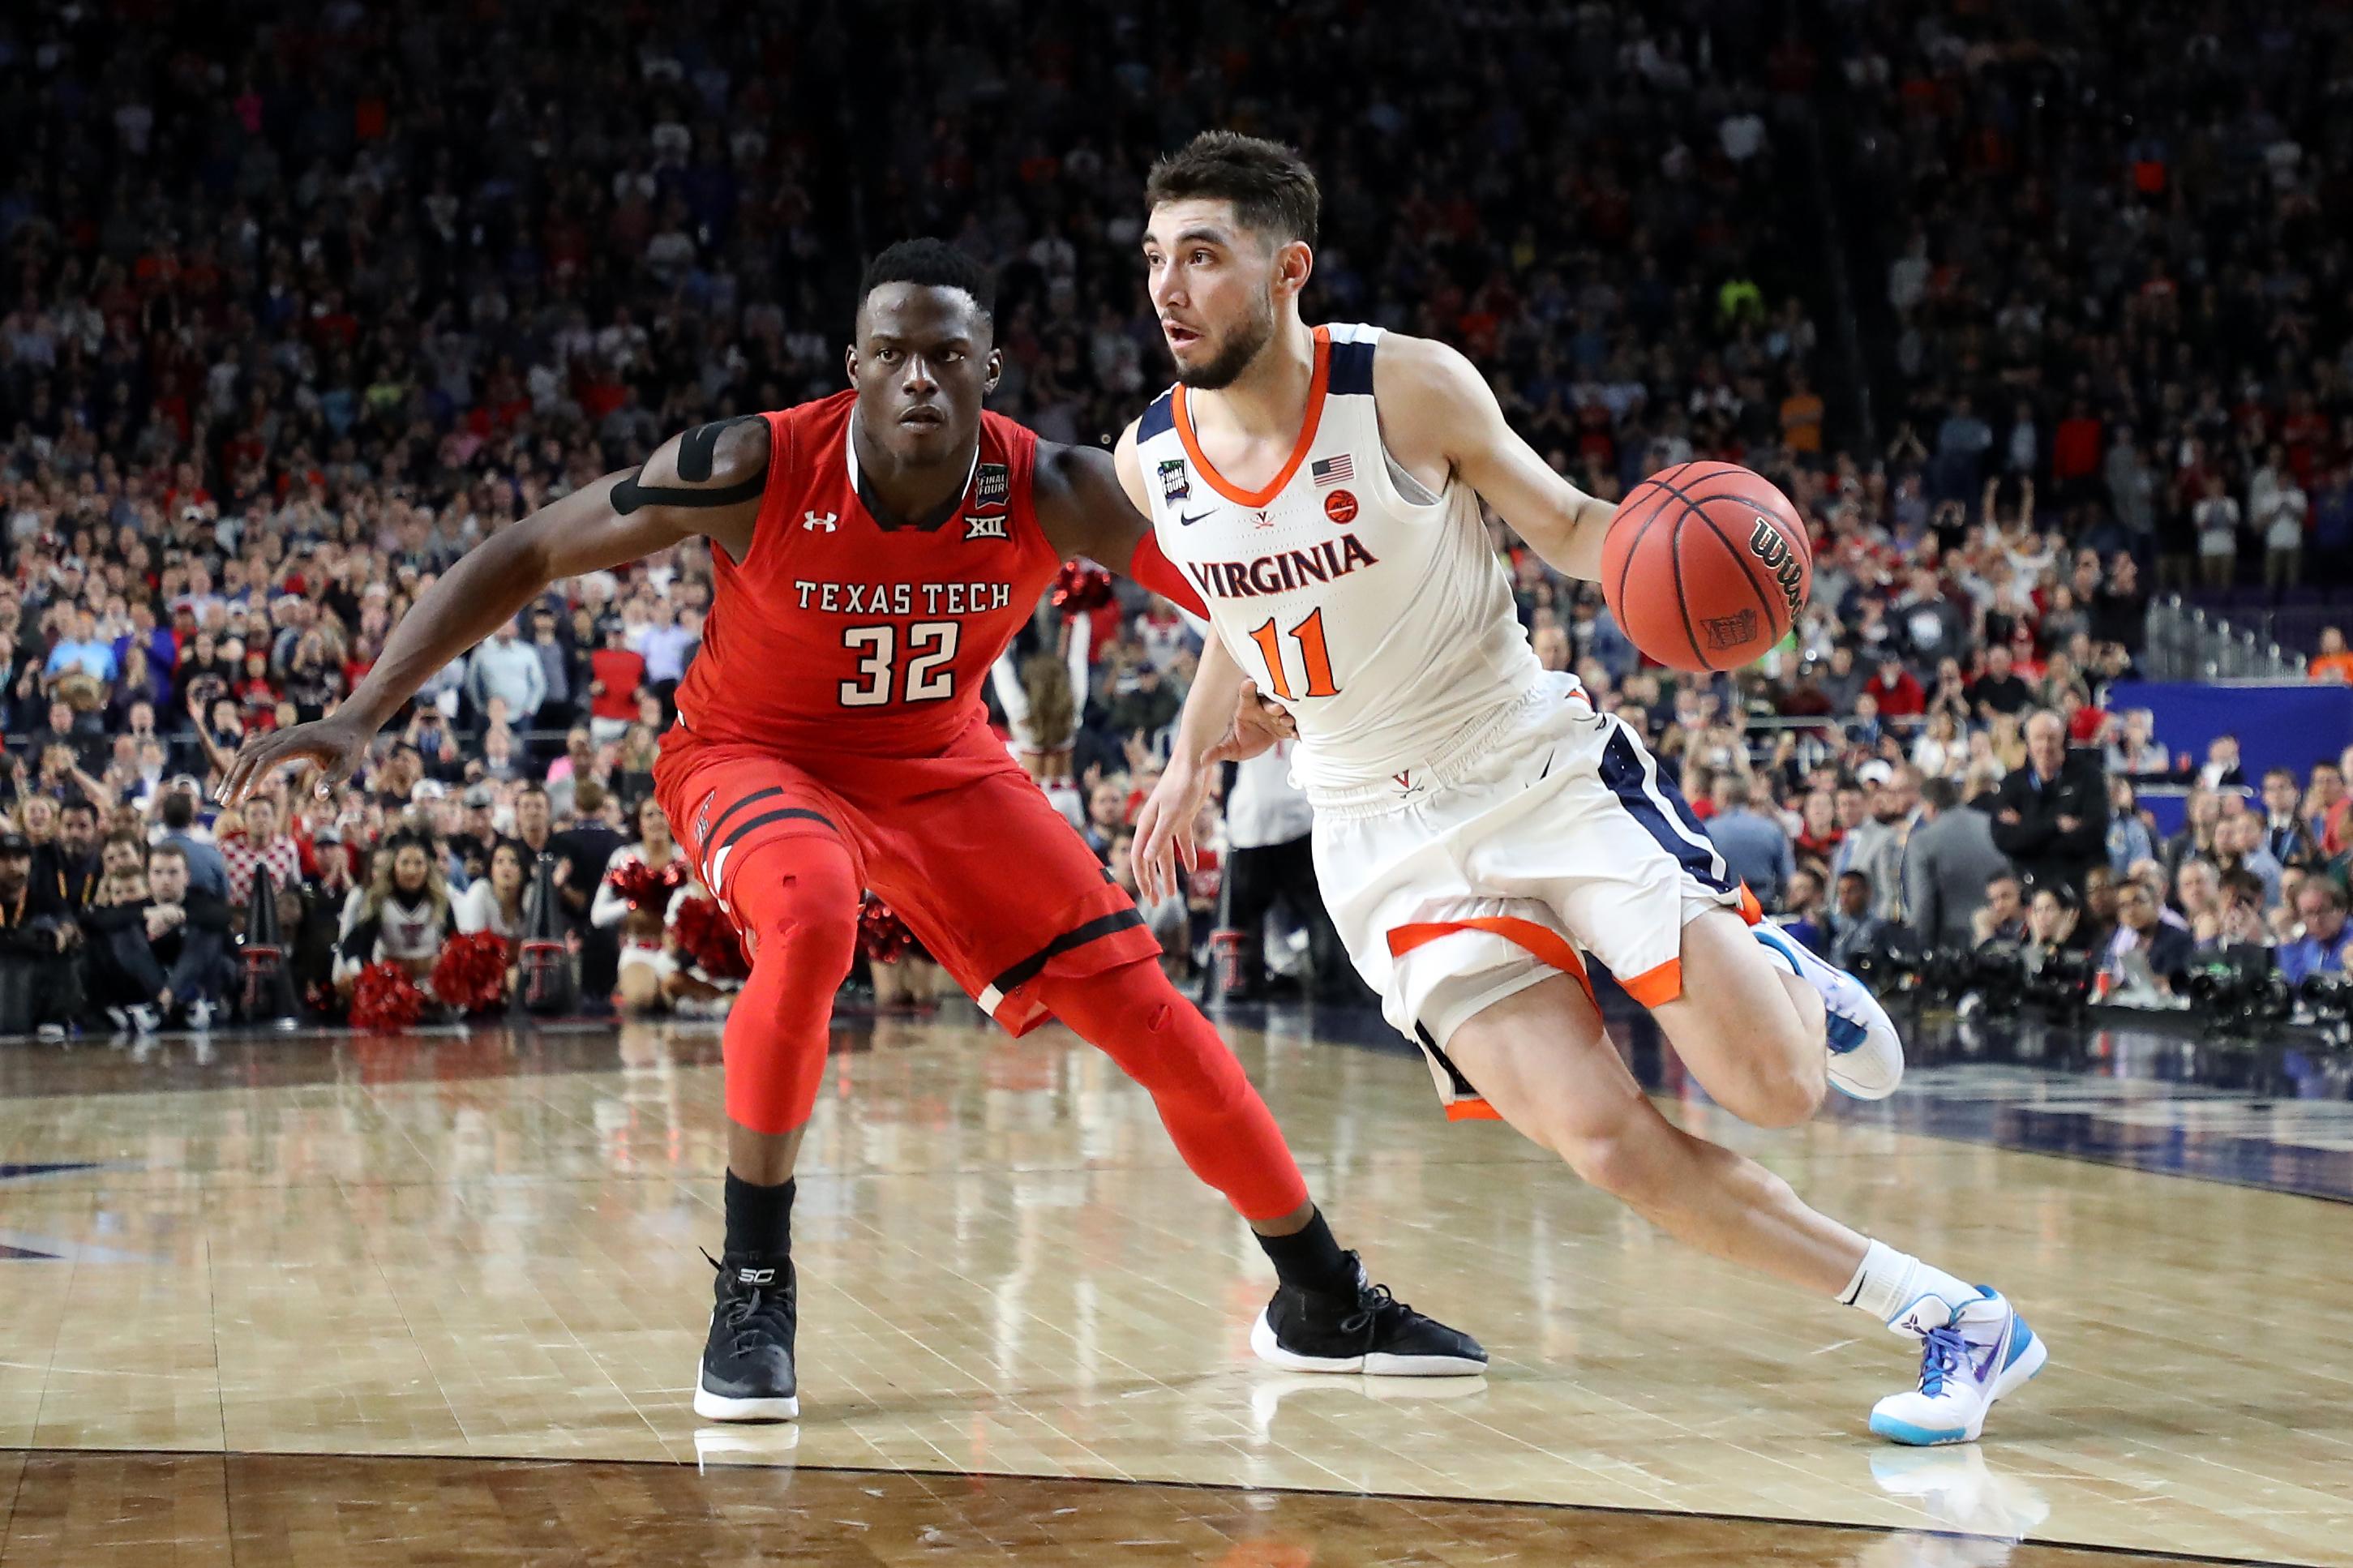 2019 NBA Mock Draft: Predicting 1st-Round Results Post-NCAA